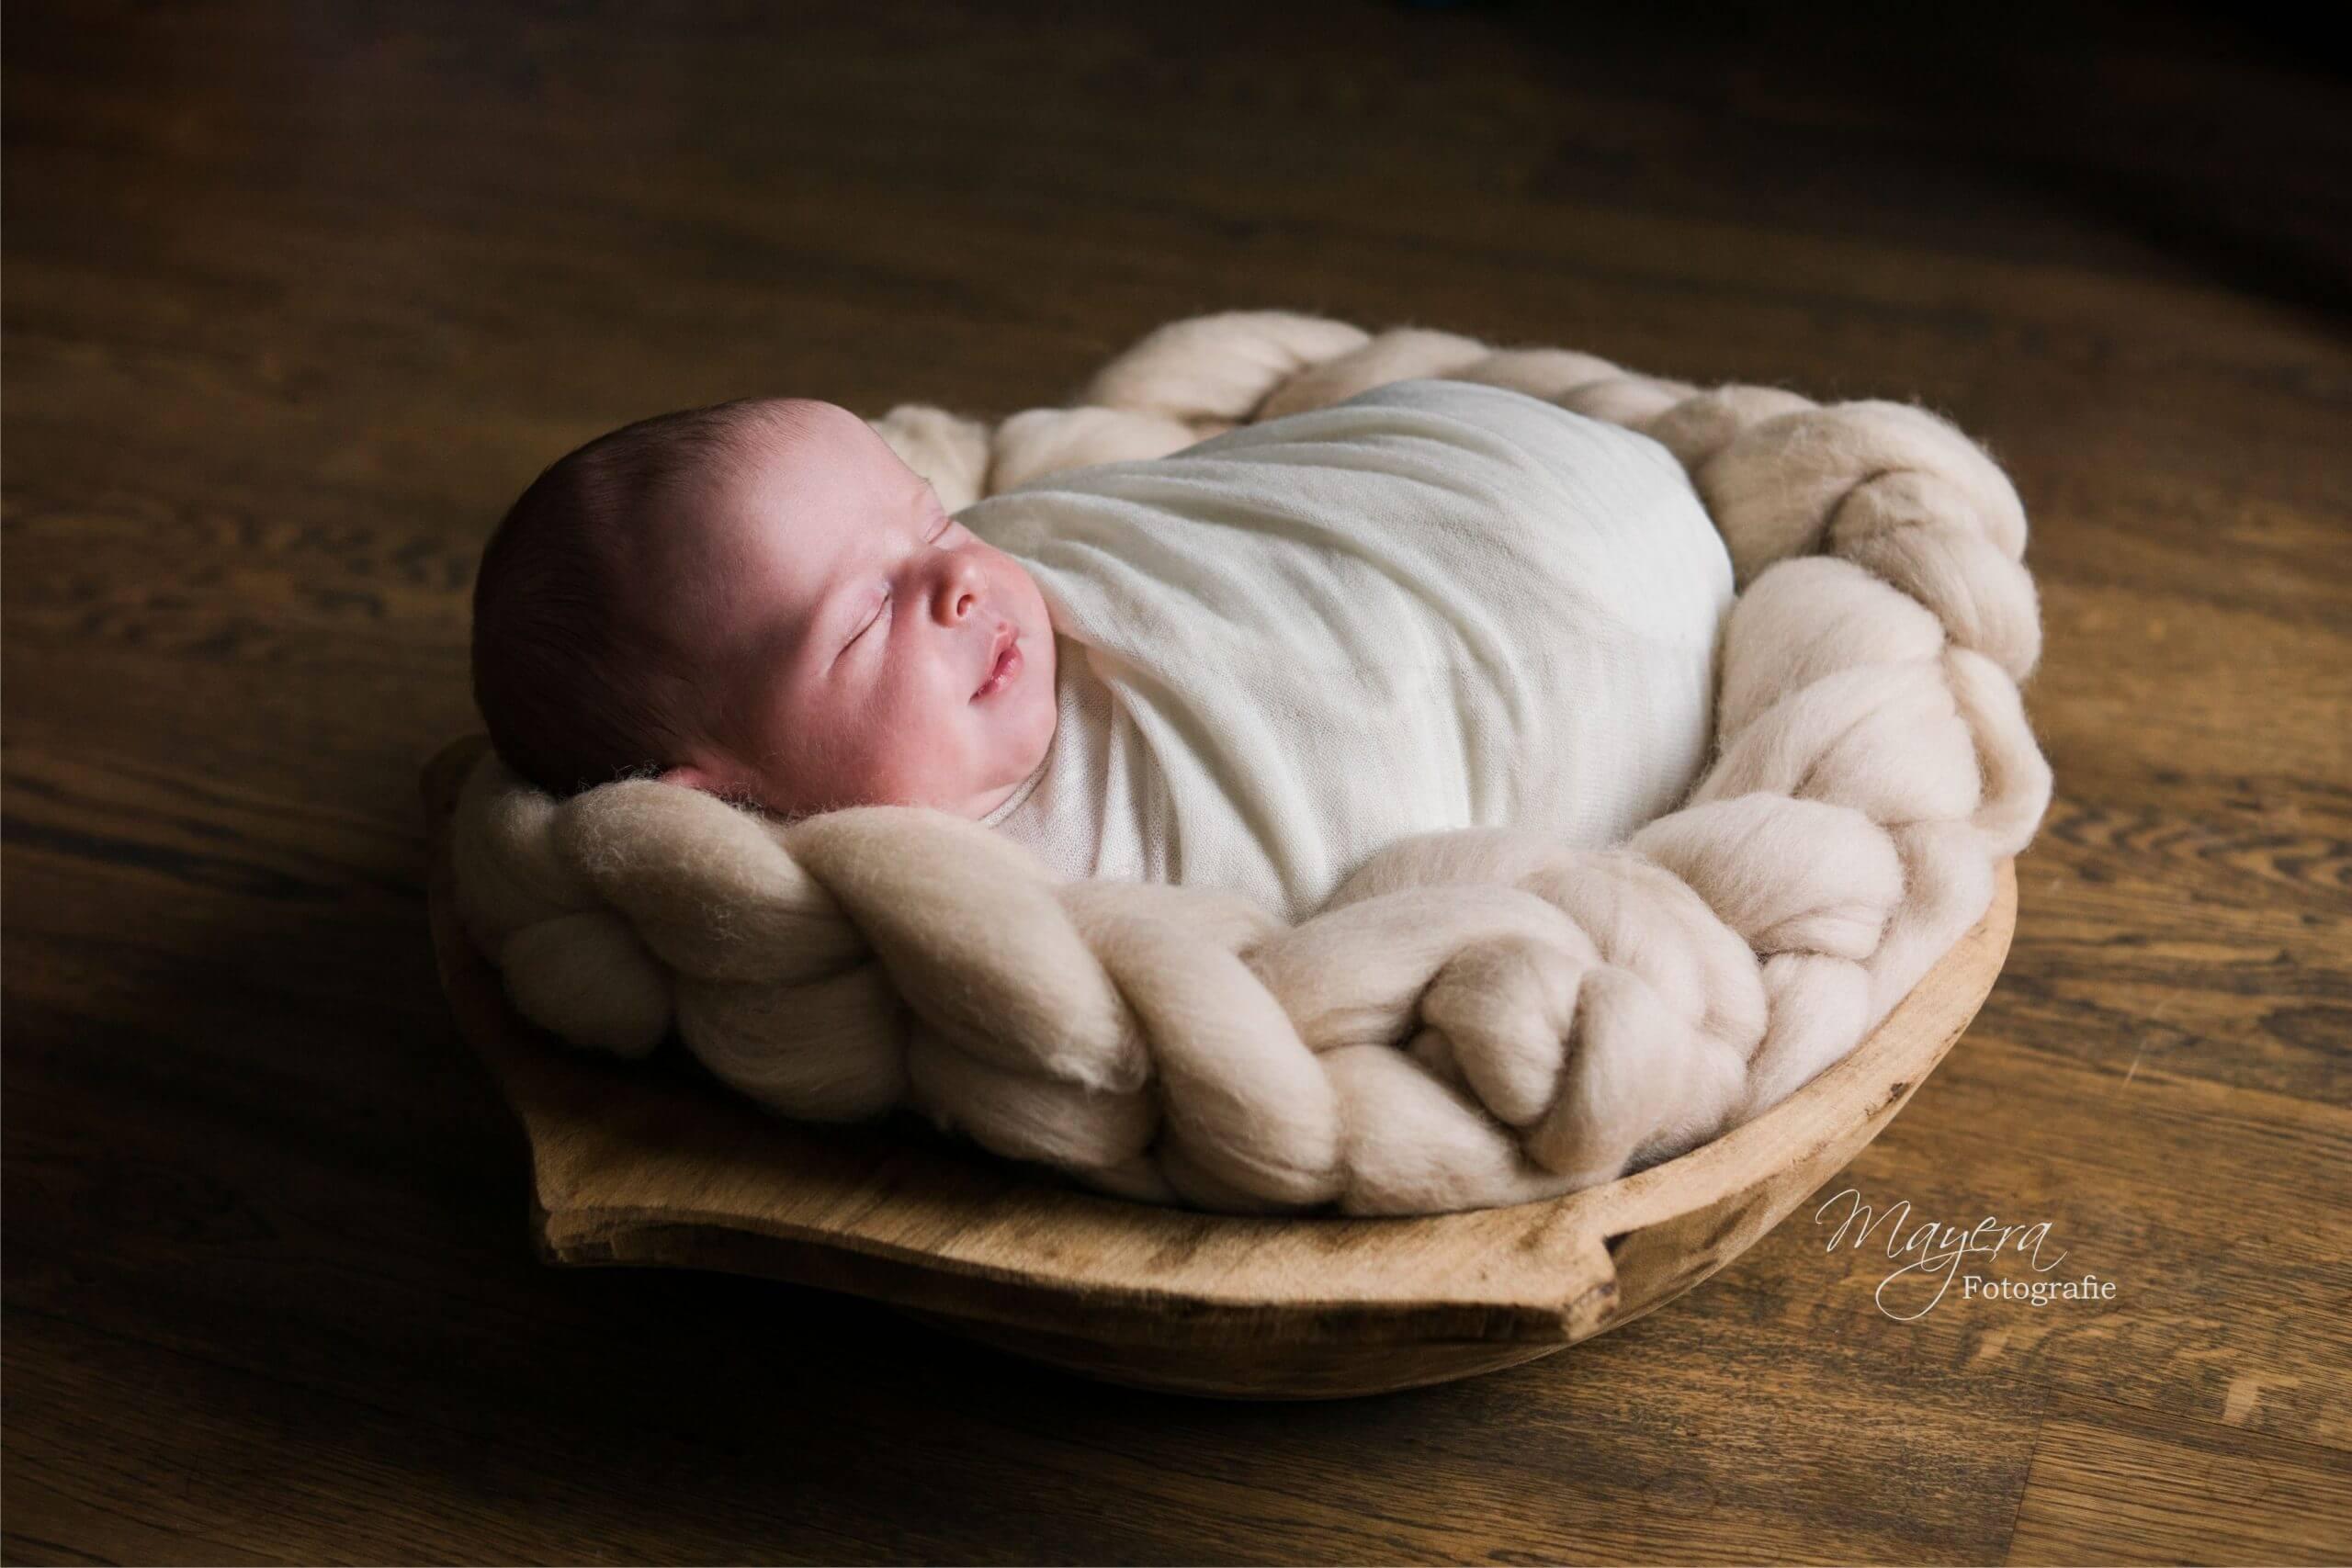 natuurlijke newborn fotoshoot